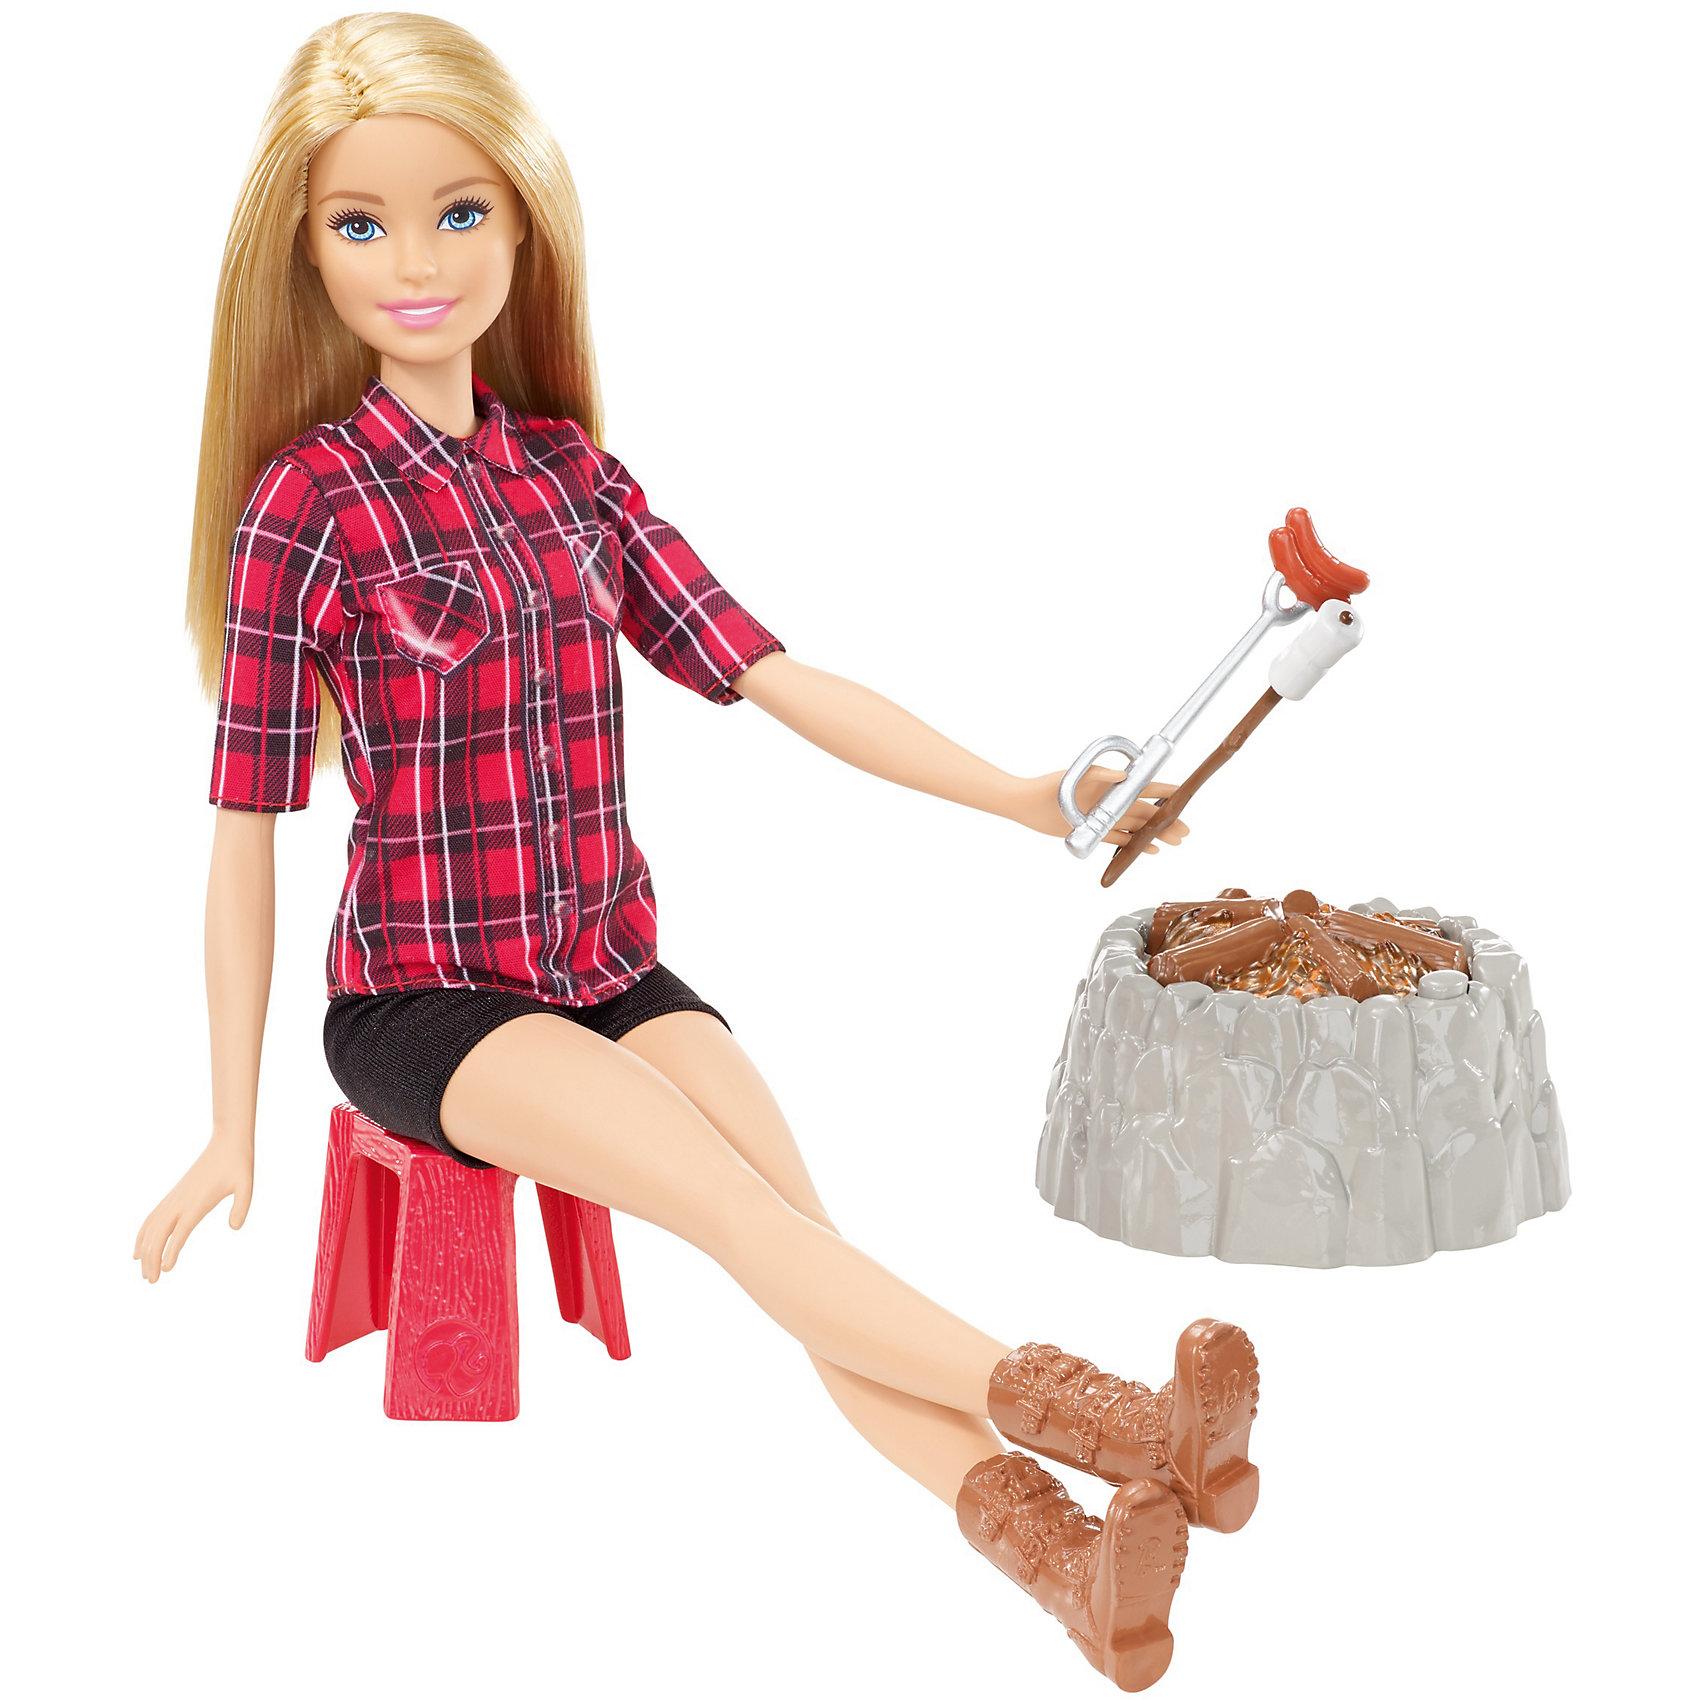 Кукла у костра Barbie БлондинкаBarbie<br>Характеристики товара:<br><br>• возраст: от 3 лет<br>• материал: пластик;<br>• высота куклы: 28-30 см;<br>• размер упаковки: 31X25X7 см;<br>• страна бренда: США<br>• страна изготовоитель: Китай<br><br>Отправляйся в поход вместе с Barbie®. Как приятно посидеть у костра и слушать как потрескивает в нем полено.<br><br>Костер с реалистичными звуками и подсветкой. Нужно лишь нажать кнопку на костре (она замаскирована под камень), чтобы добавить искорку в игру. <br><br>Barbie® может разложить свой походный стул, приготовить на костре еду и рассказать историю. Хот-дог и зефир— классические походные лакомства. Каждое блюдо нанизано на палочку, которую Barbie® может держать в руке. <br><br>Куклу у костра Barbie можно купить в нашем интернет-магазине.<br><br>Ширина мм: 205<br>Глубина мм: 60<br>Высота мм: 325<br>Вес г: 400<br>Возраст от месяцев: 36<br>Возраст до месяцев: 72<br>Пол: Женский<br>Возраст: Детский<br>SKU: 6746578